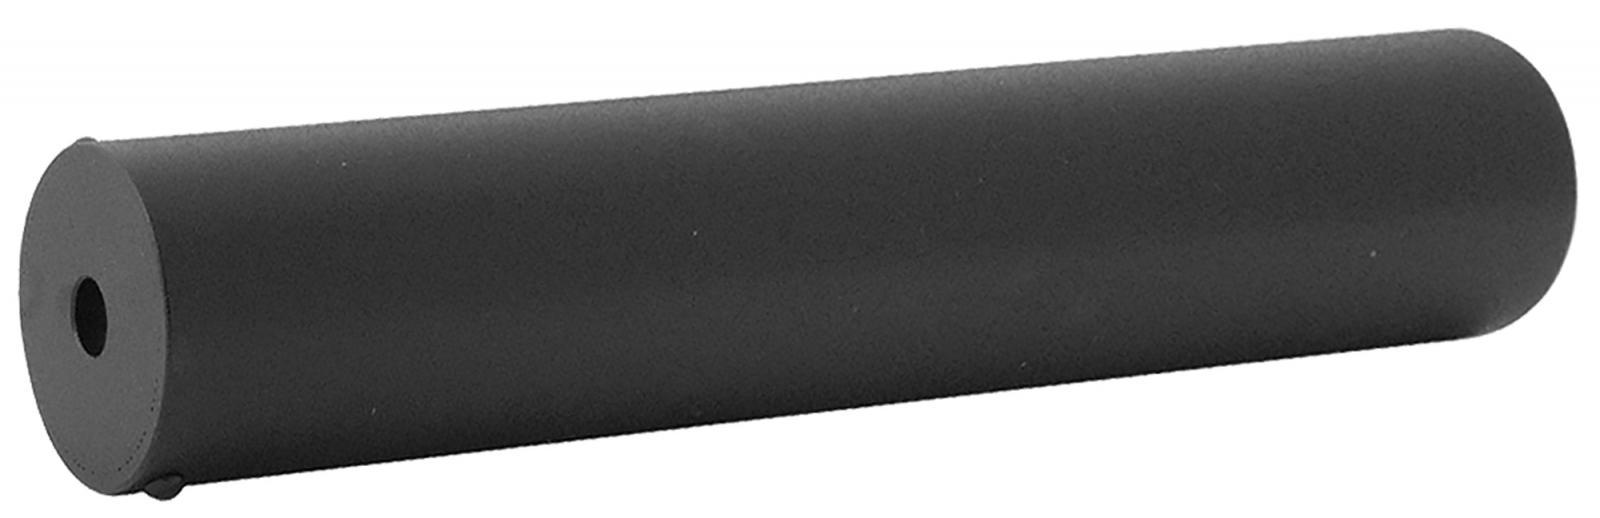 Silencieux STILL 2000 calibre 22Lr - 1/2x20